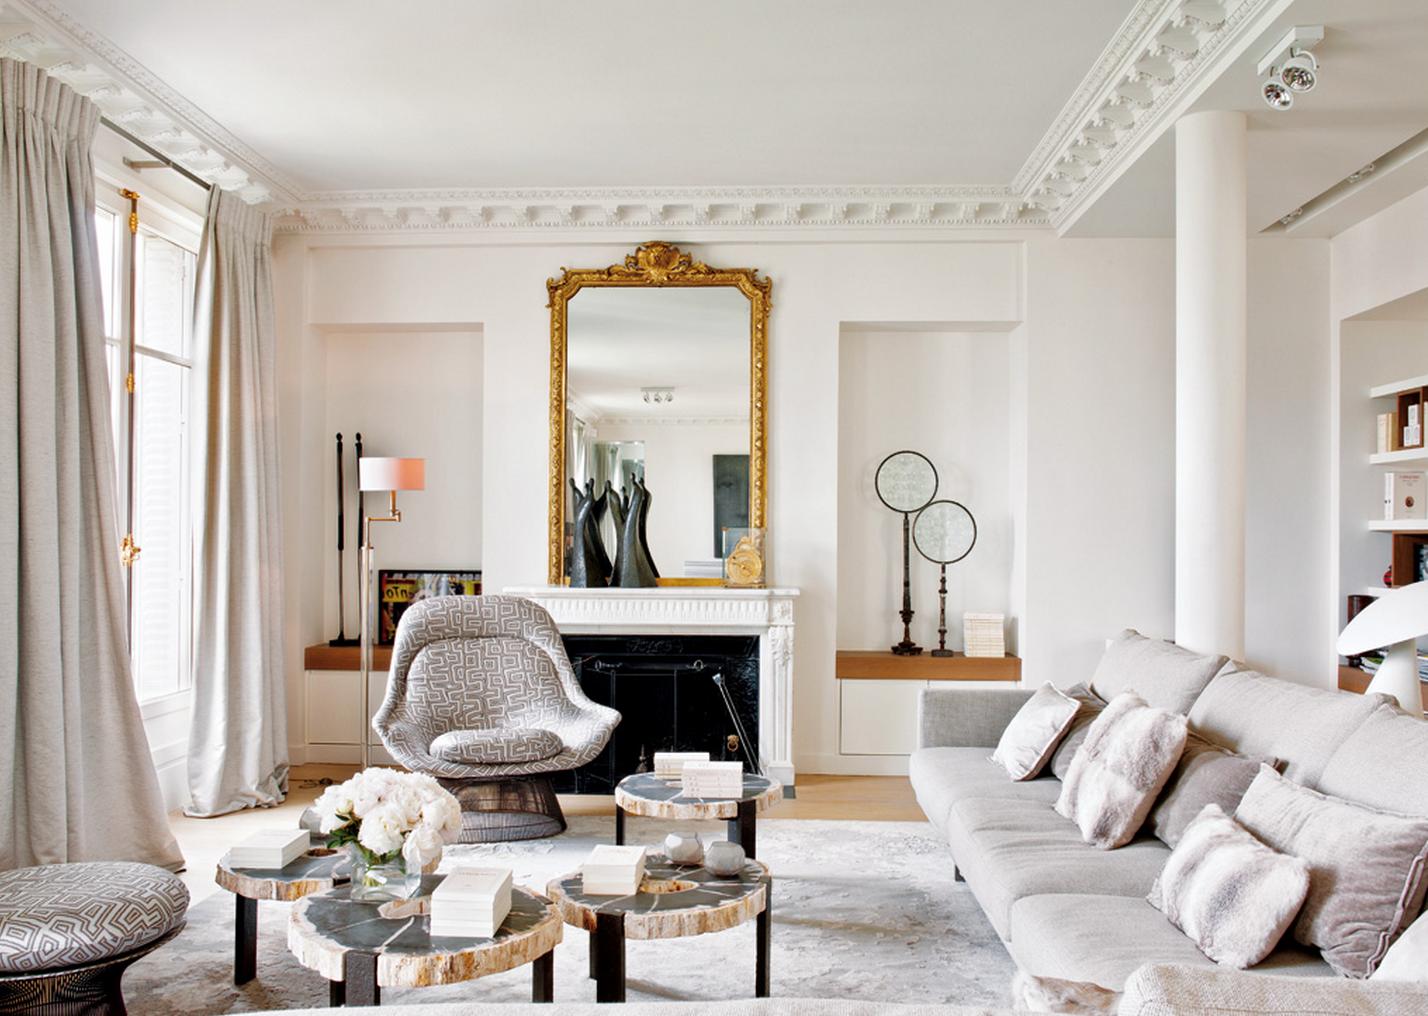 gaišs dzīvokļa interjers franču stilā